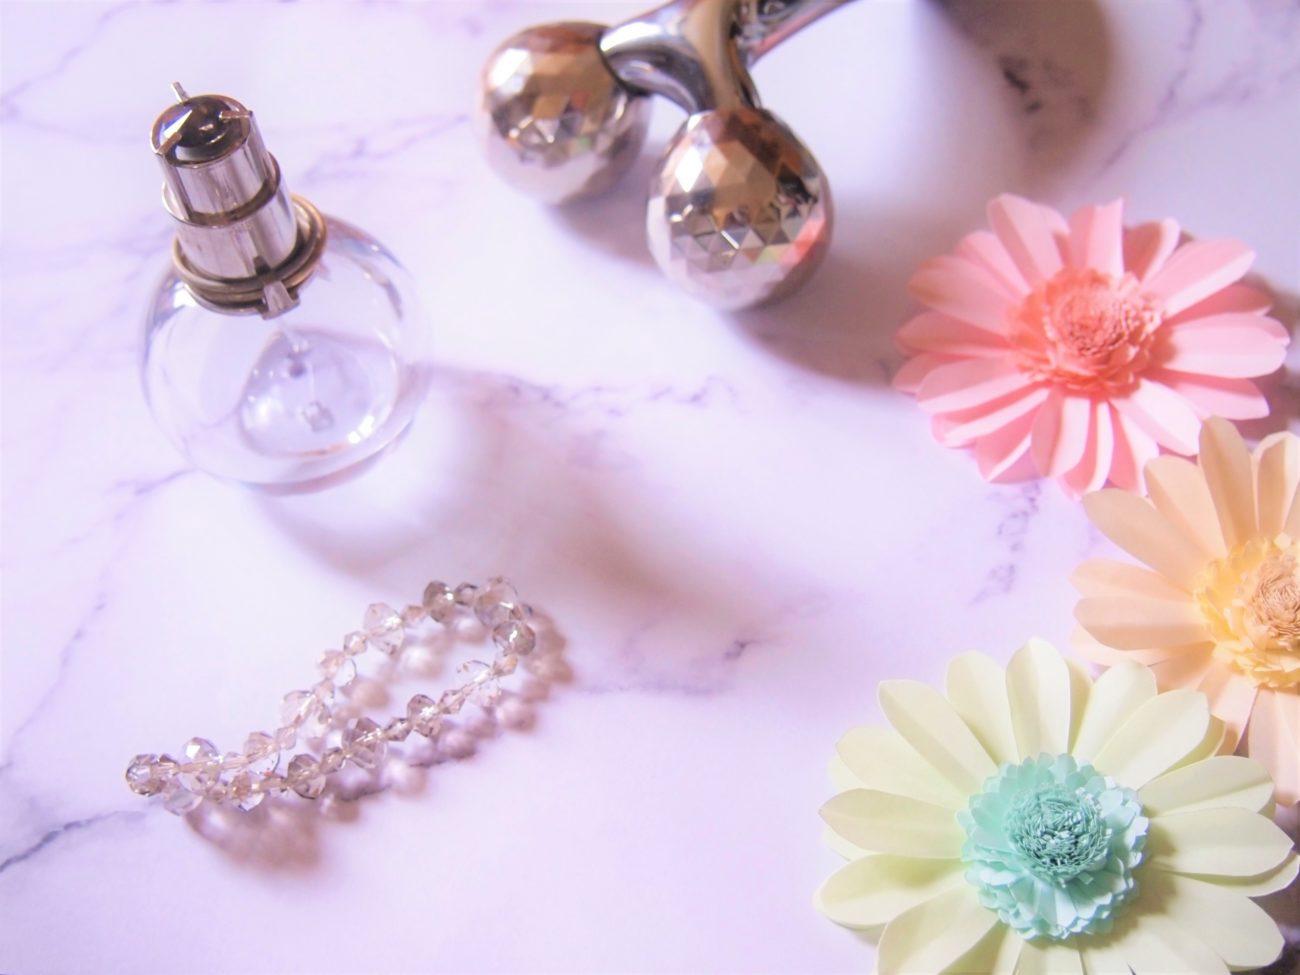 ローラさんプロデュースの人気香水『Vasilisa(ヴァシリーサ)』の香りと口コミ